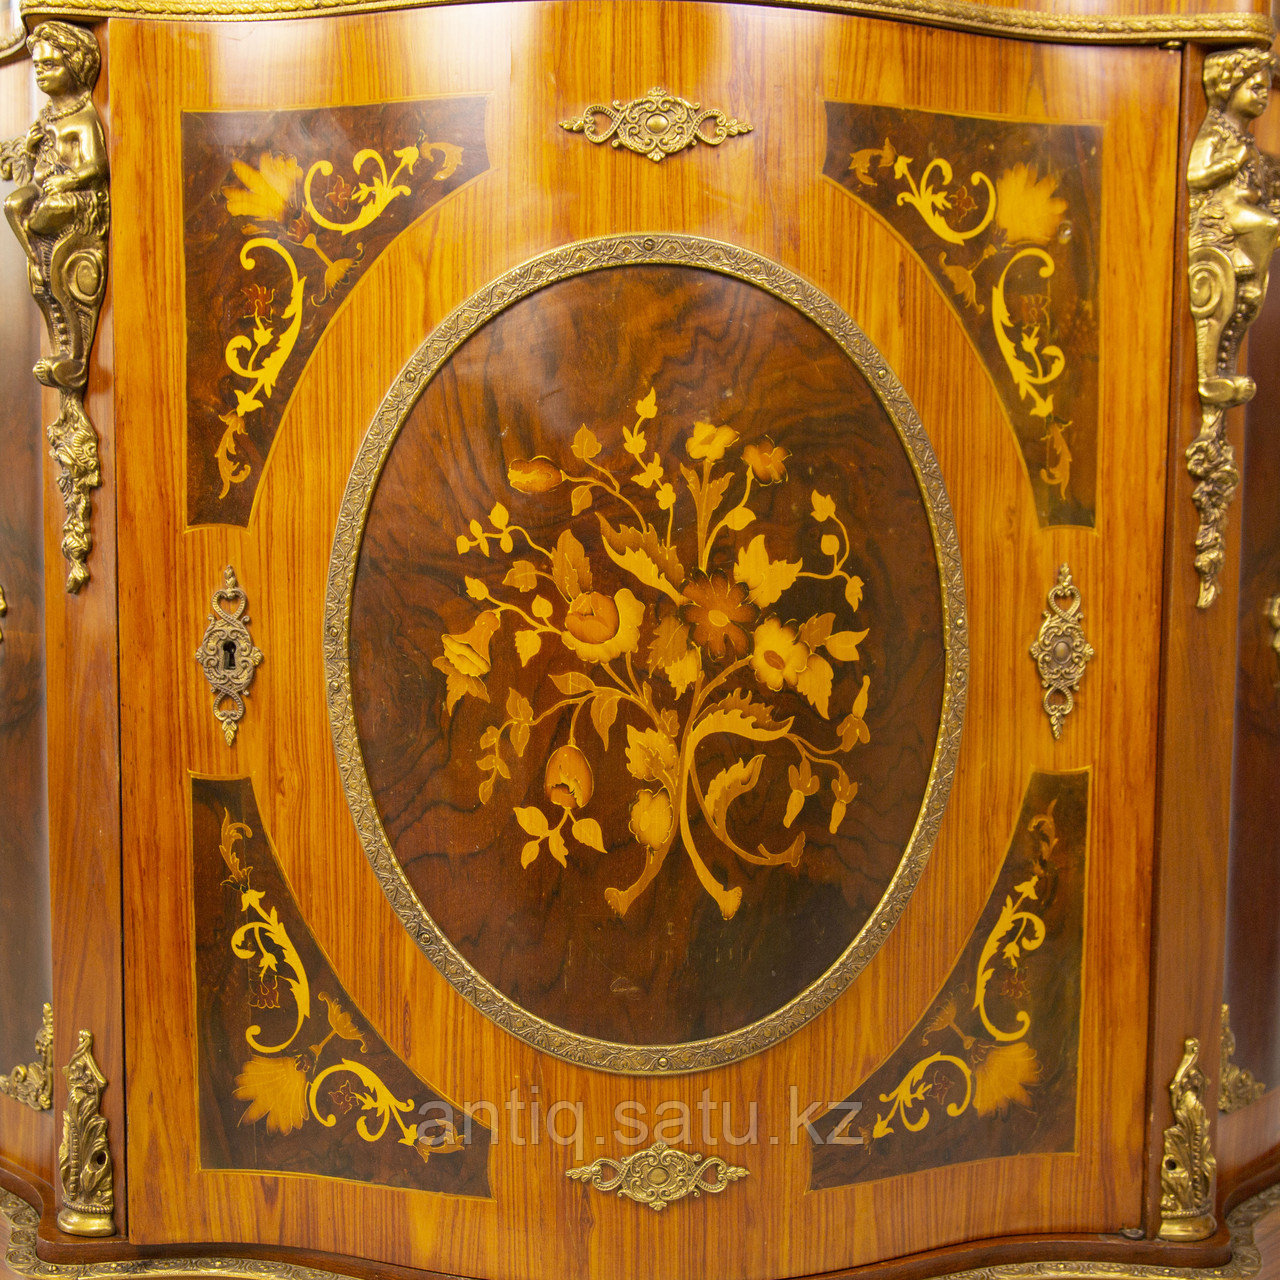 Комод в стиле Наполеона III. Италия. I половина-середина XX века. - фото 7